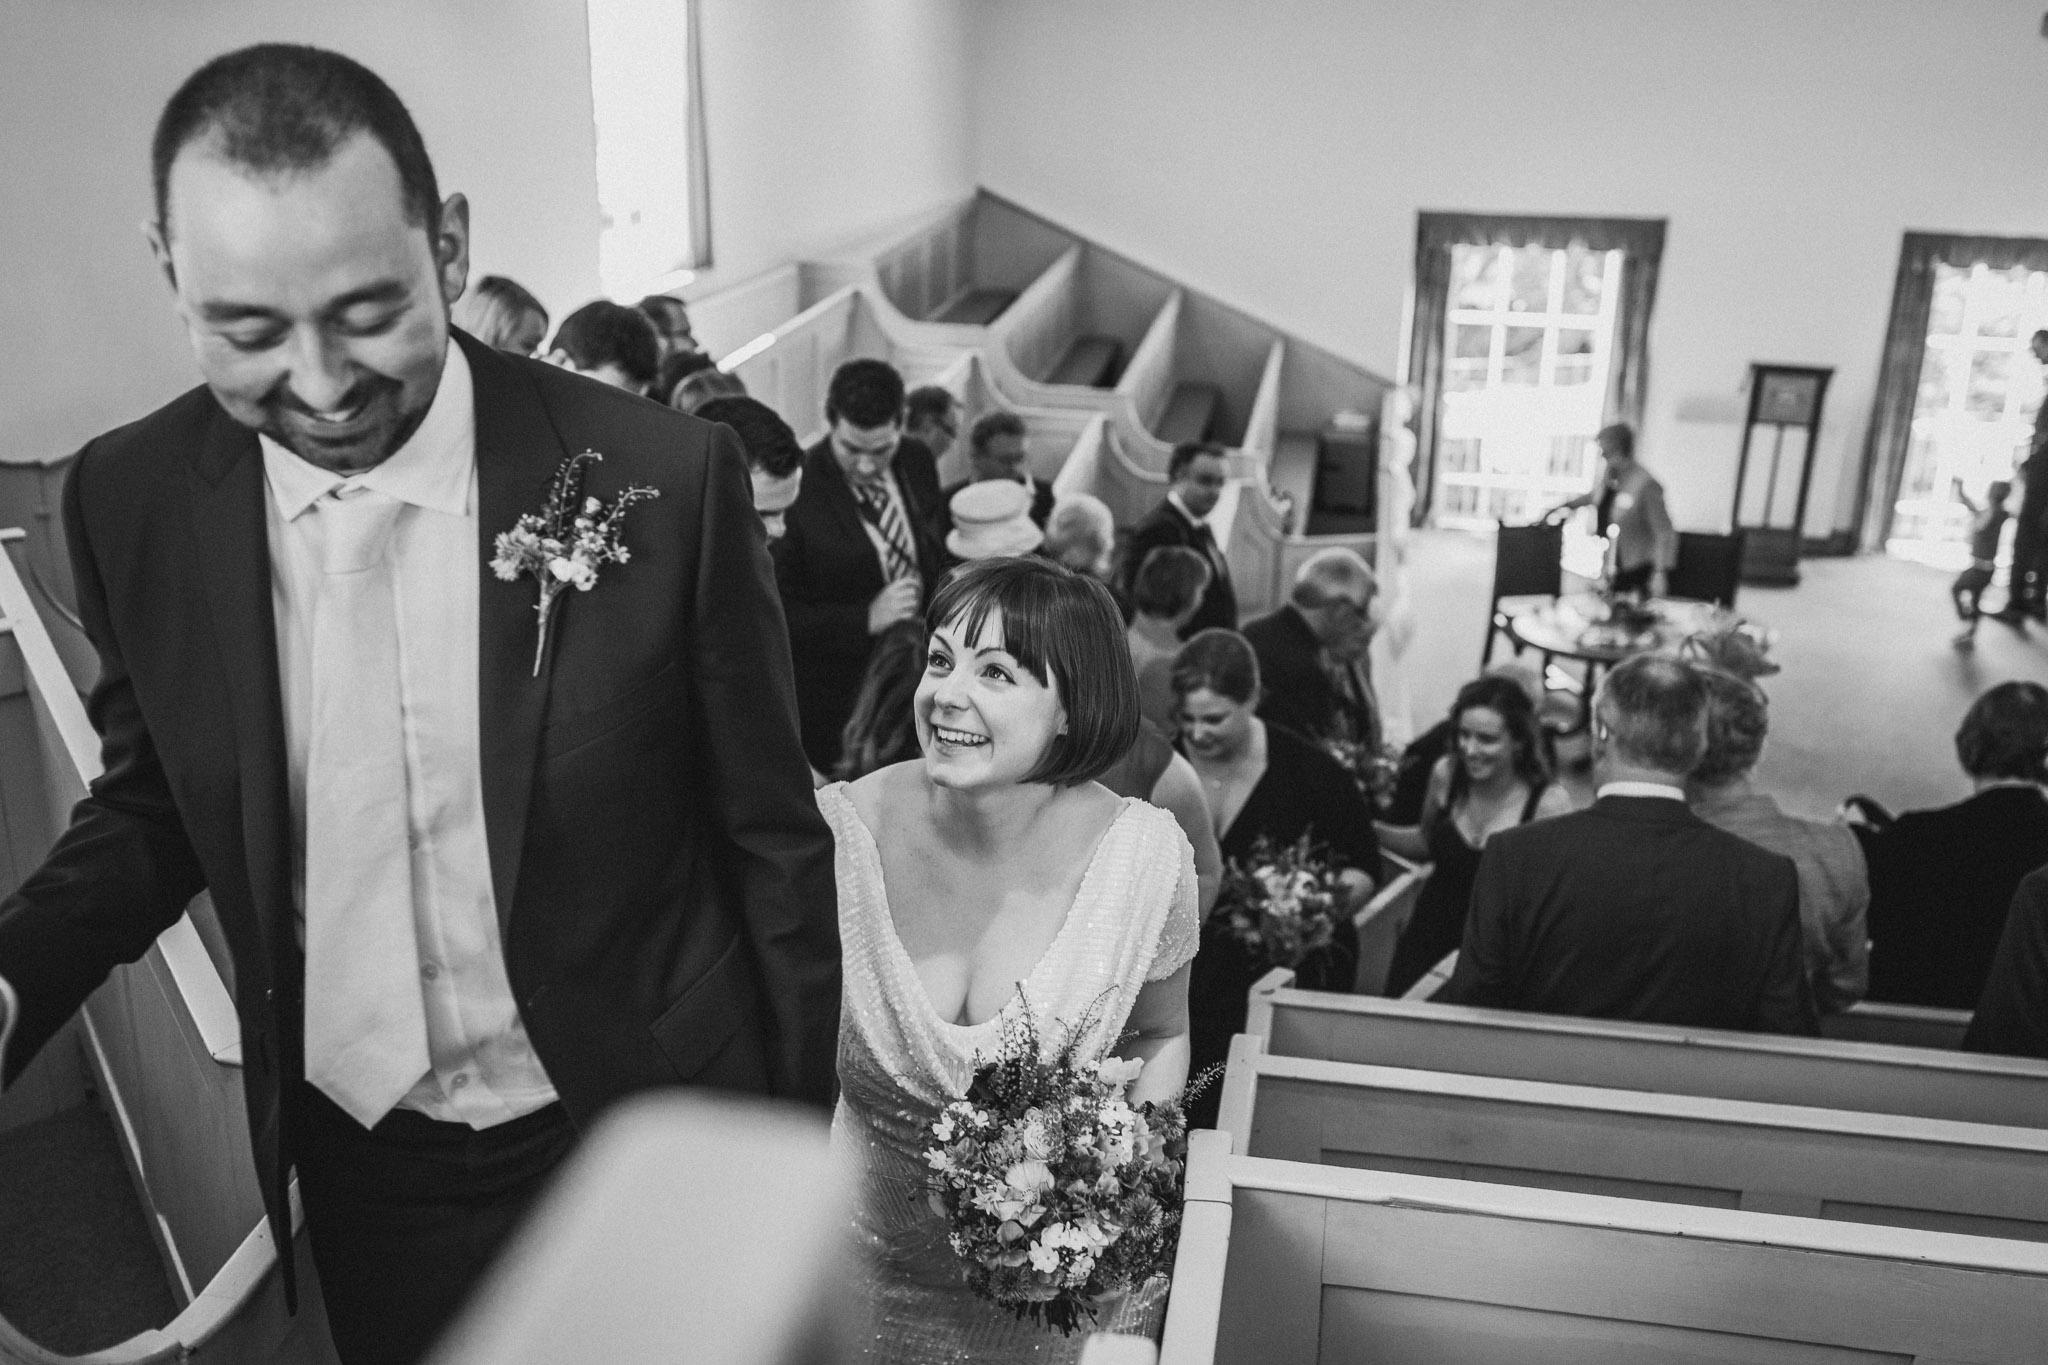 wedding_robin_hoods_bay_whitby_031.jpg